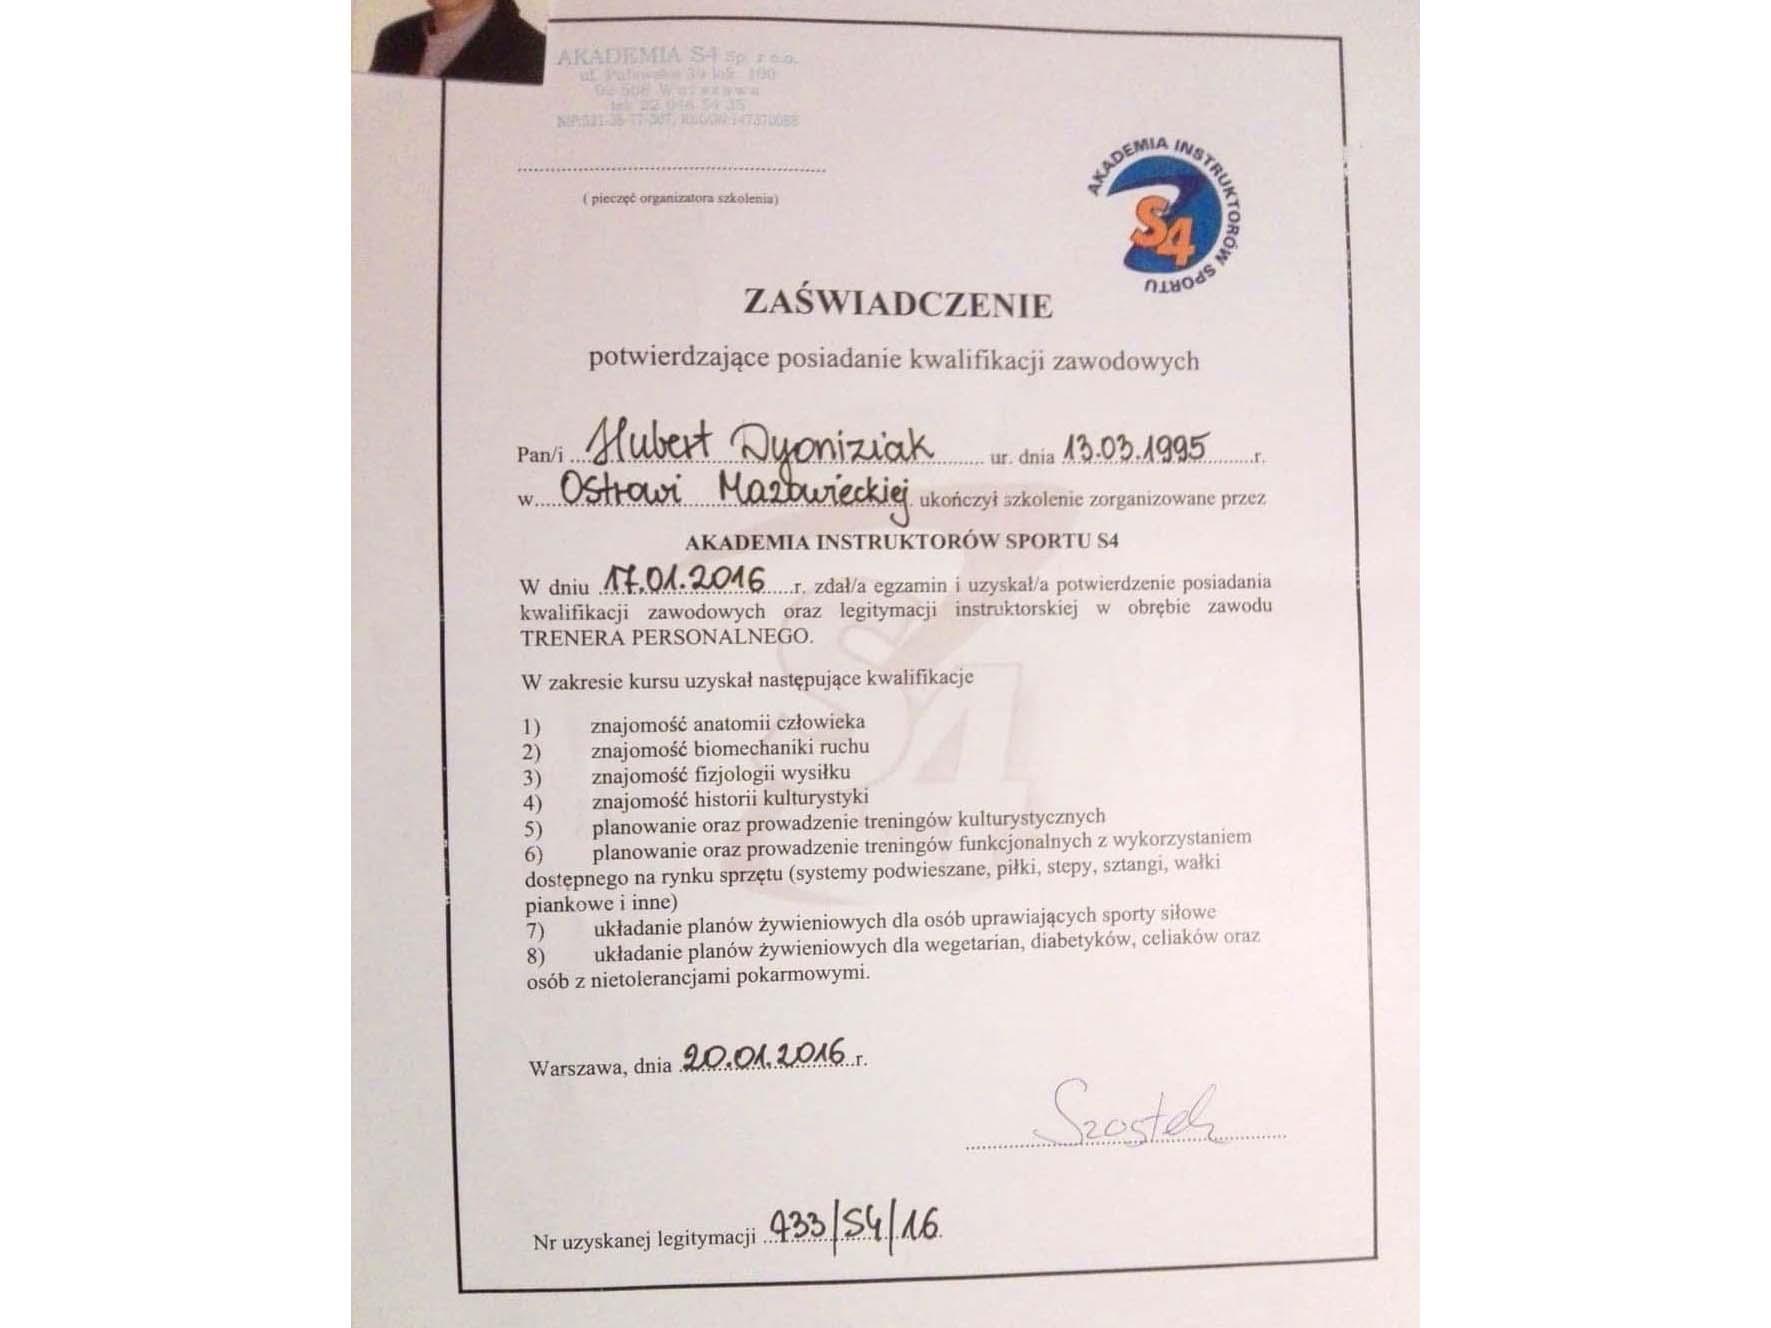 Certyfikat Hubert Dyoniziak.jpg